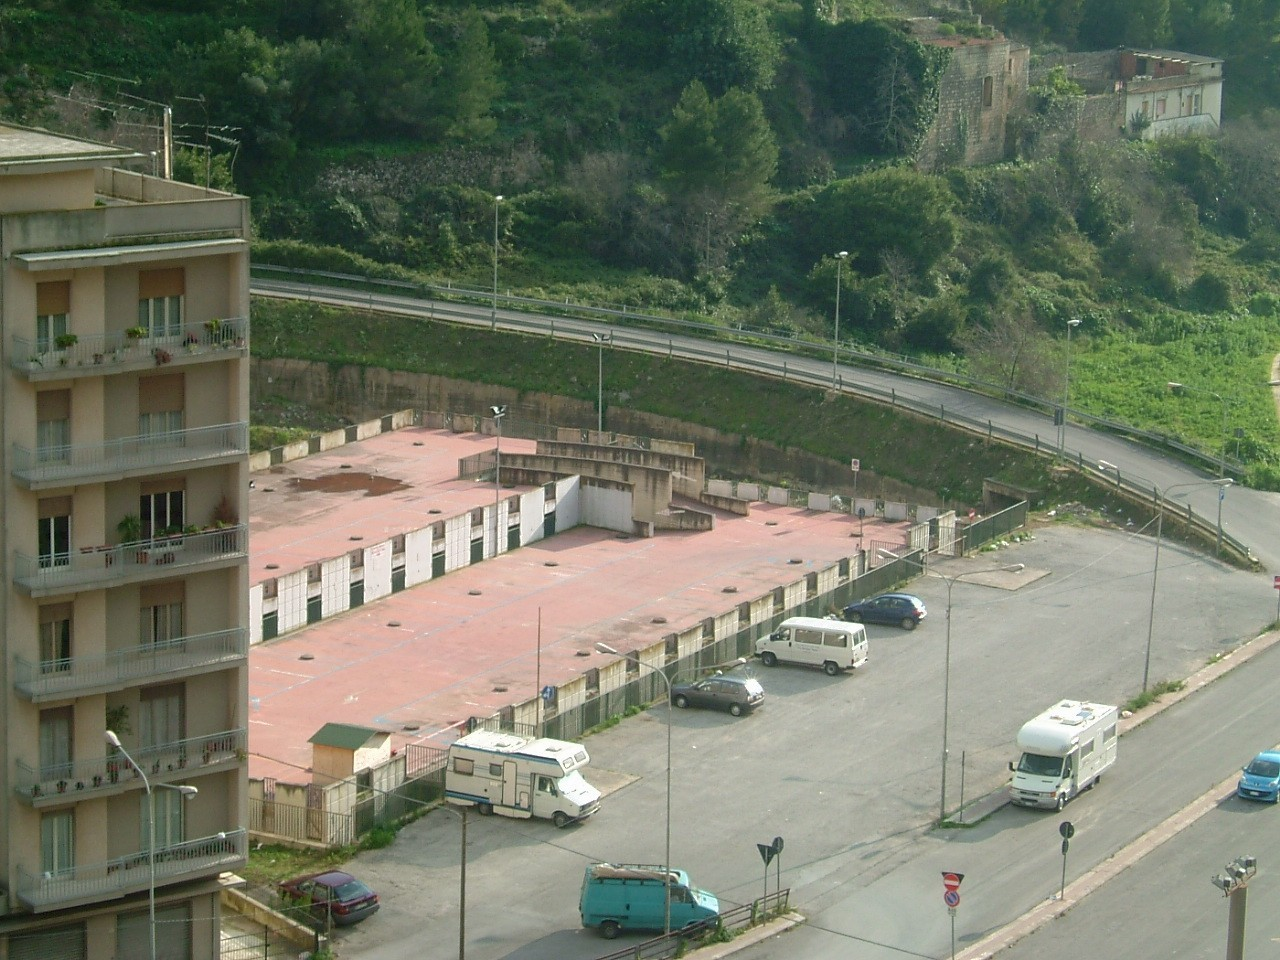 parcheggio-1.jpg